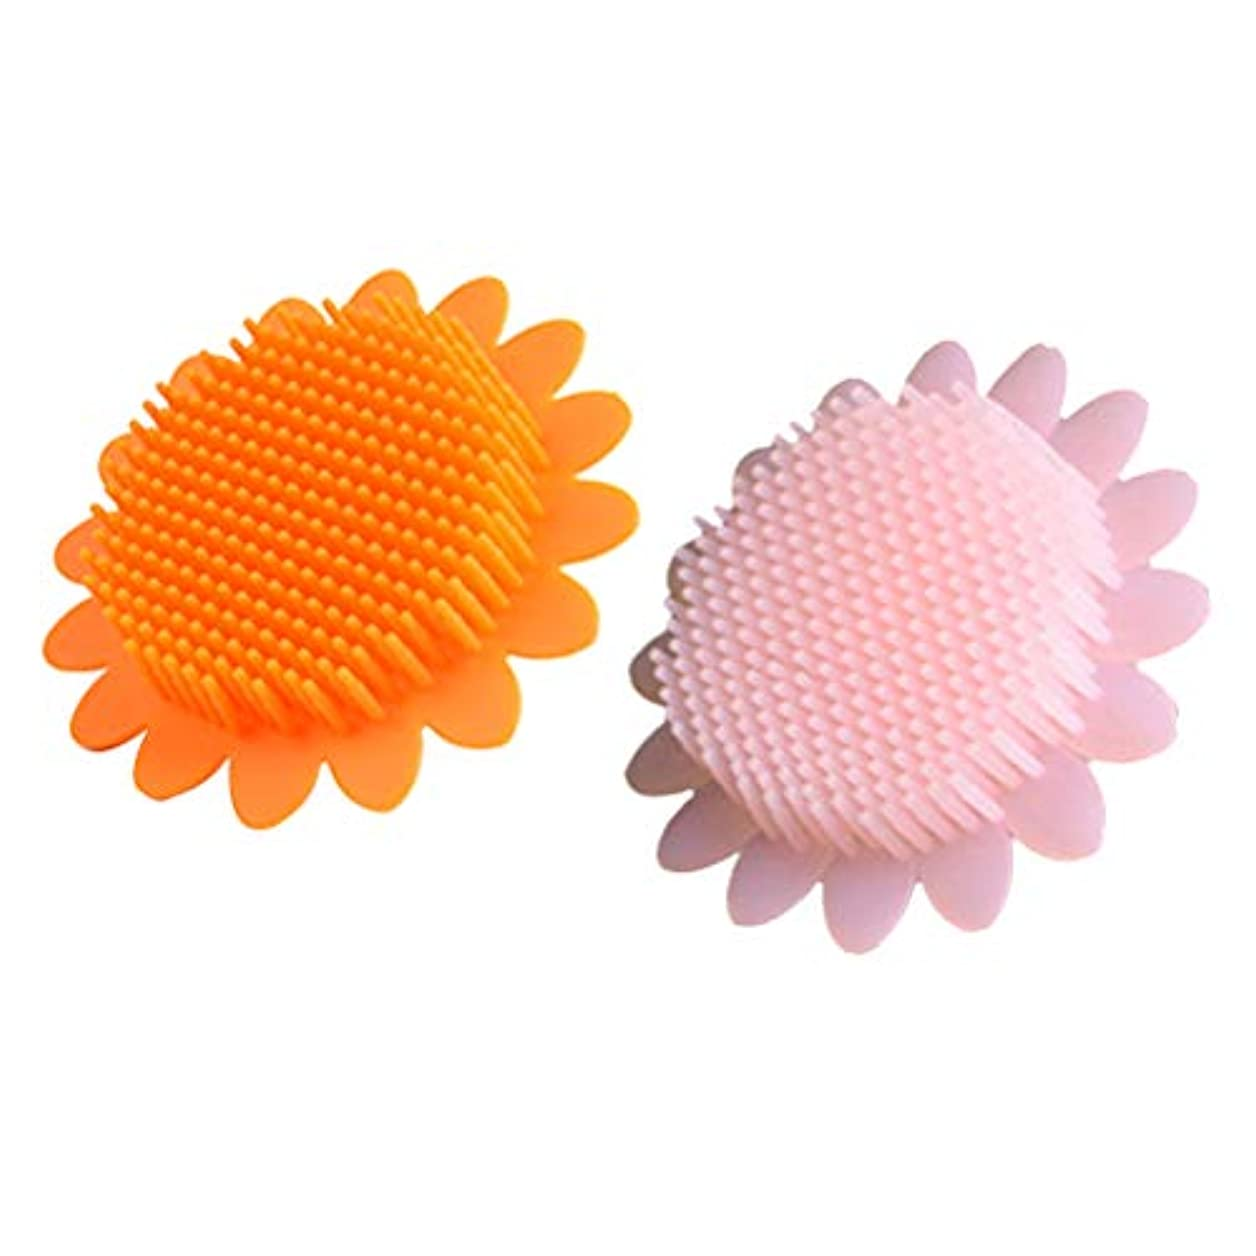 もっとより良い残るBeaupretty 2本の赤ちゃん風呂ブラシシリコーンボディブラシ頭皮マッサージブラシ赤ちゃんのためのシャンプーブラシ(オレンジ+ピンク)